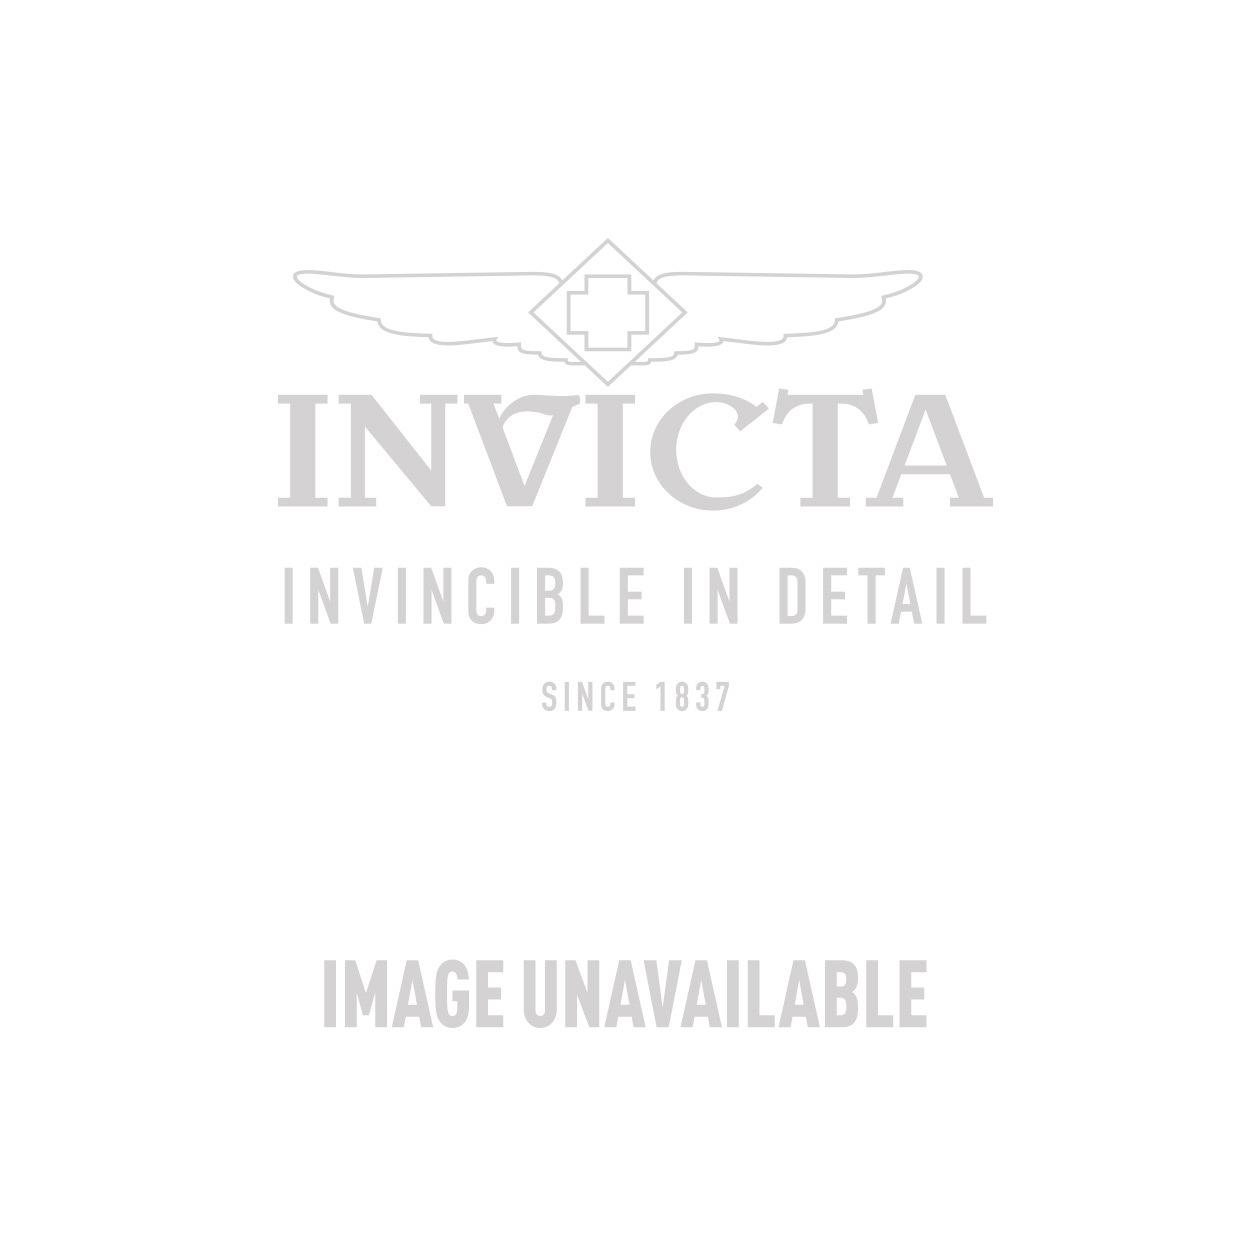 Invicta Model 24468